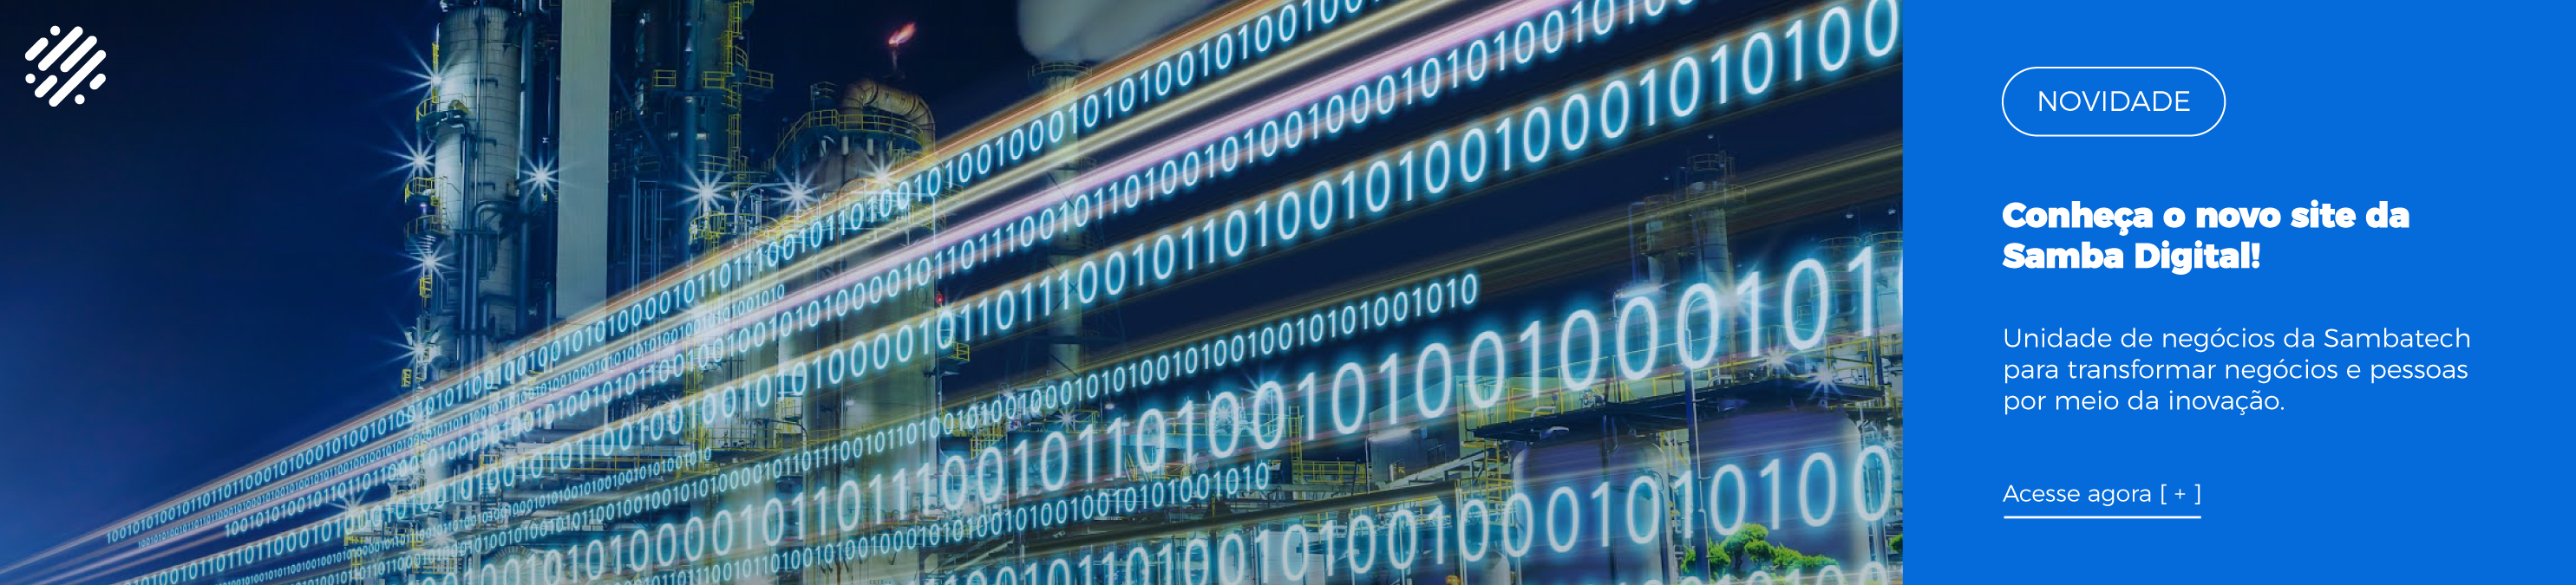 Conheça a Samba Digital   Unidade da Sambatech focada em transformação digital